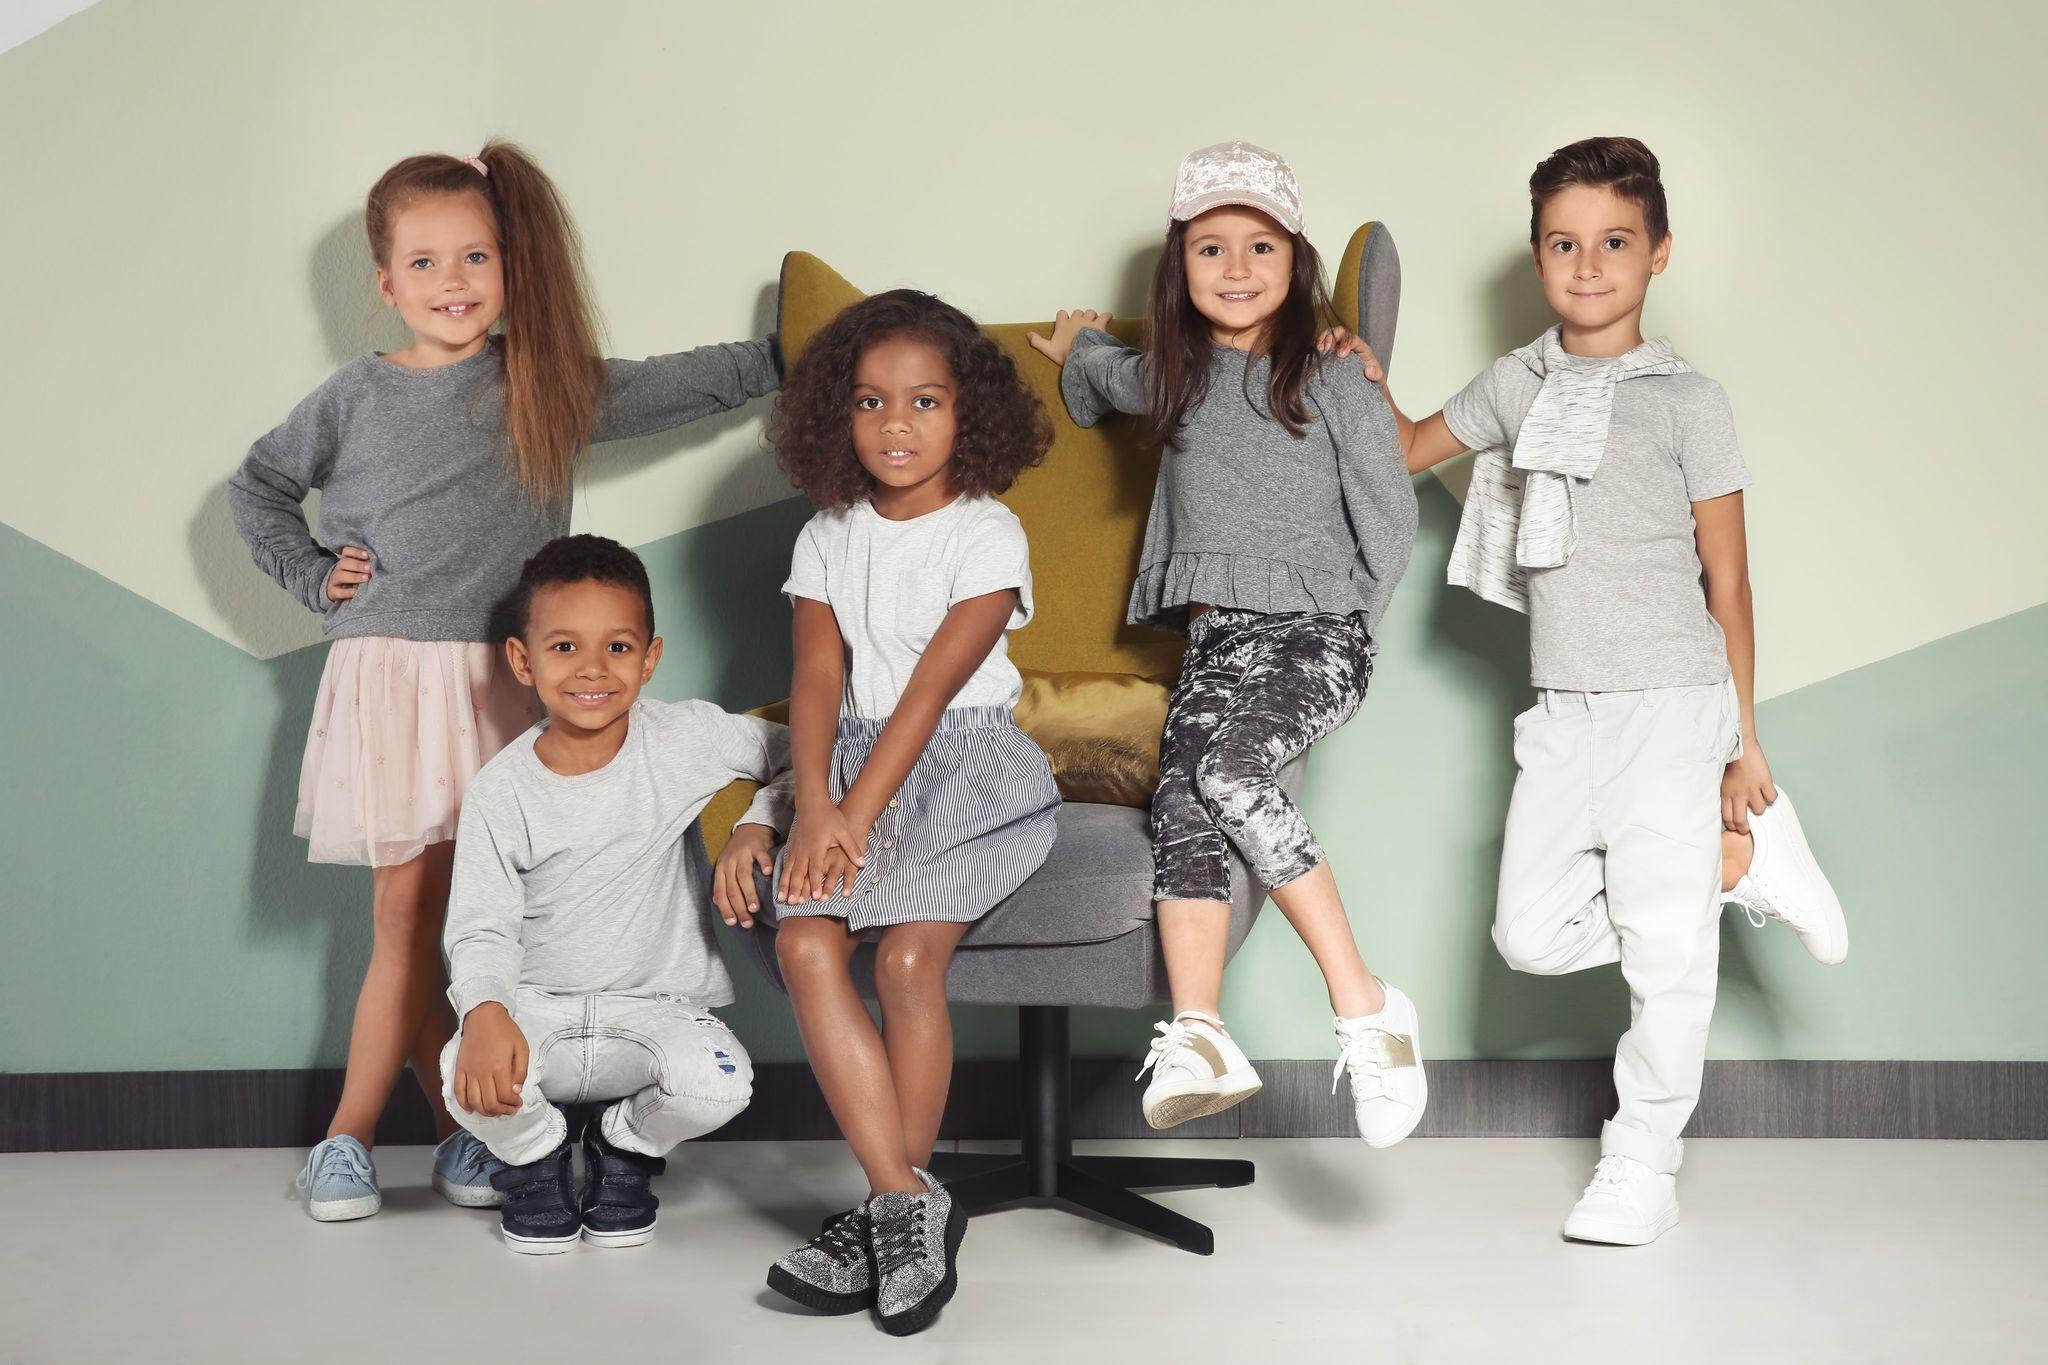 Mode enfant : Quelles sont les couleurs tendances ?